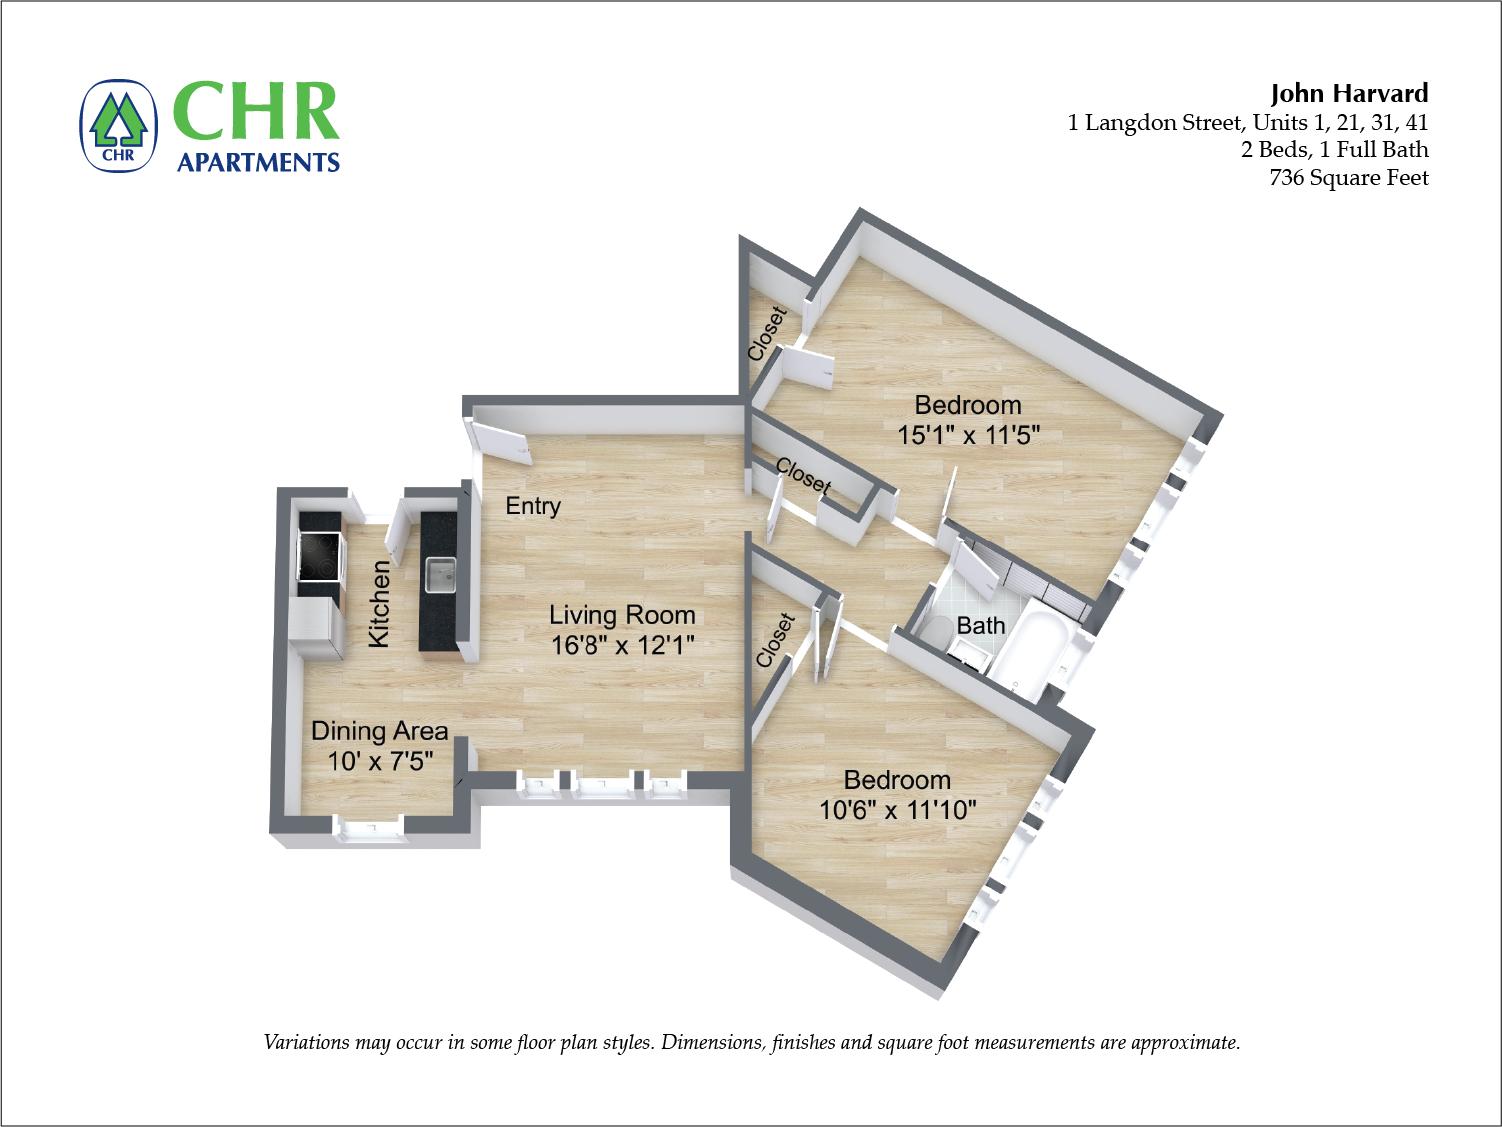 Click to view John Harvard - 2 Bedroom floor plan gallery